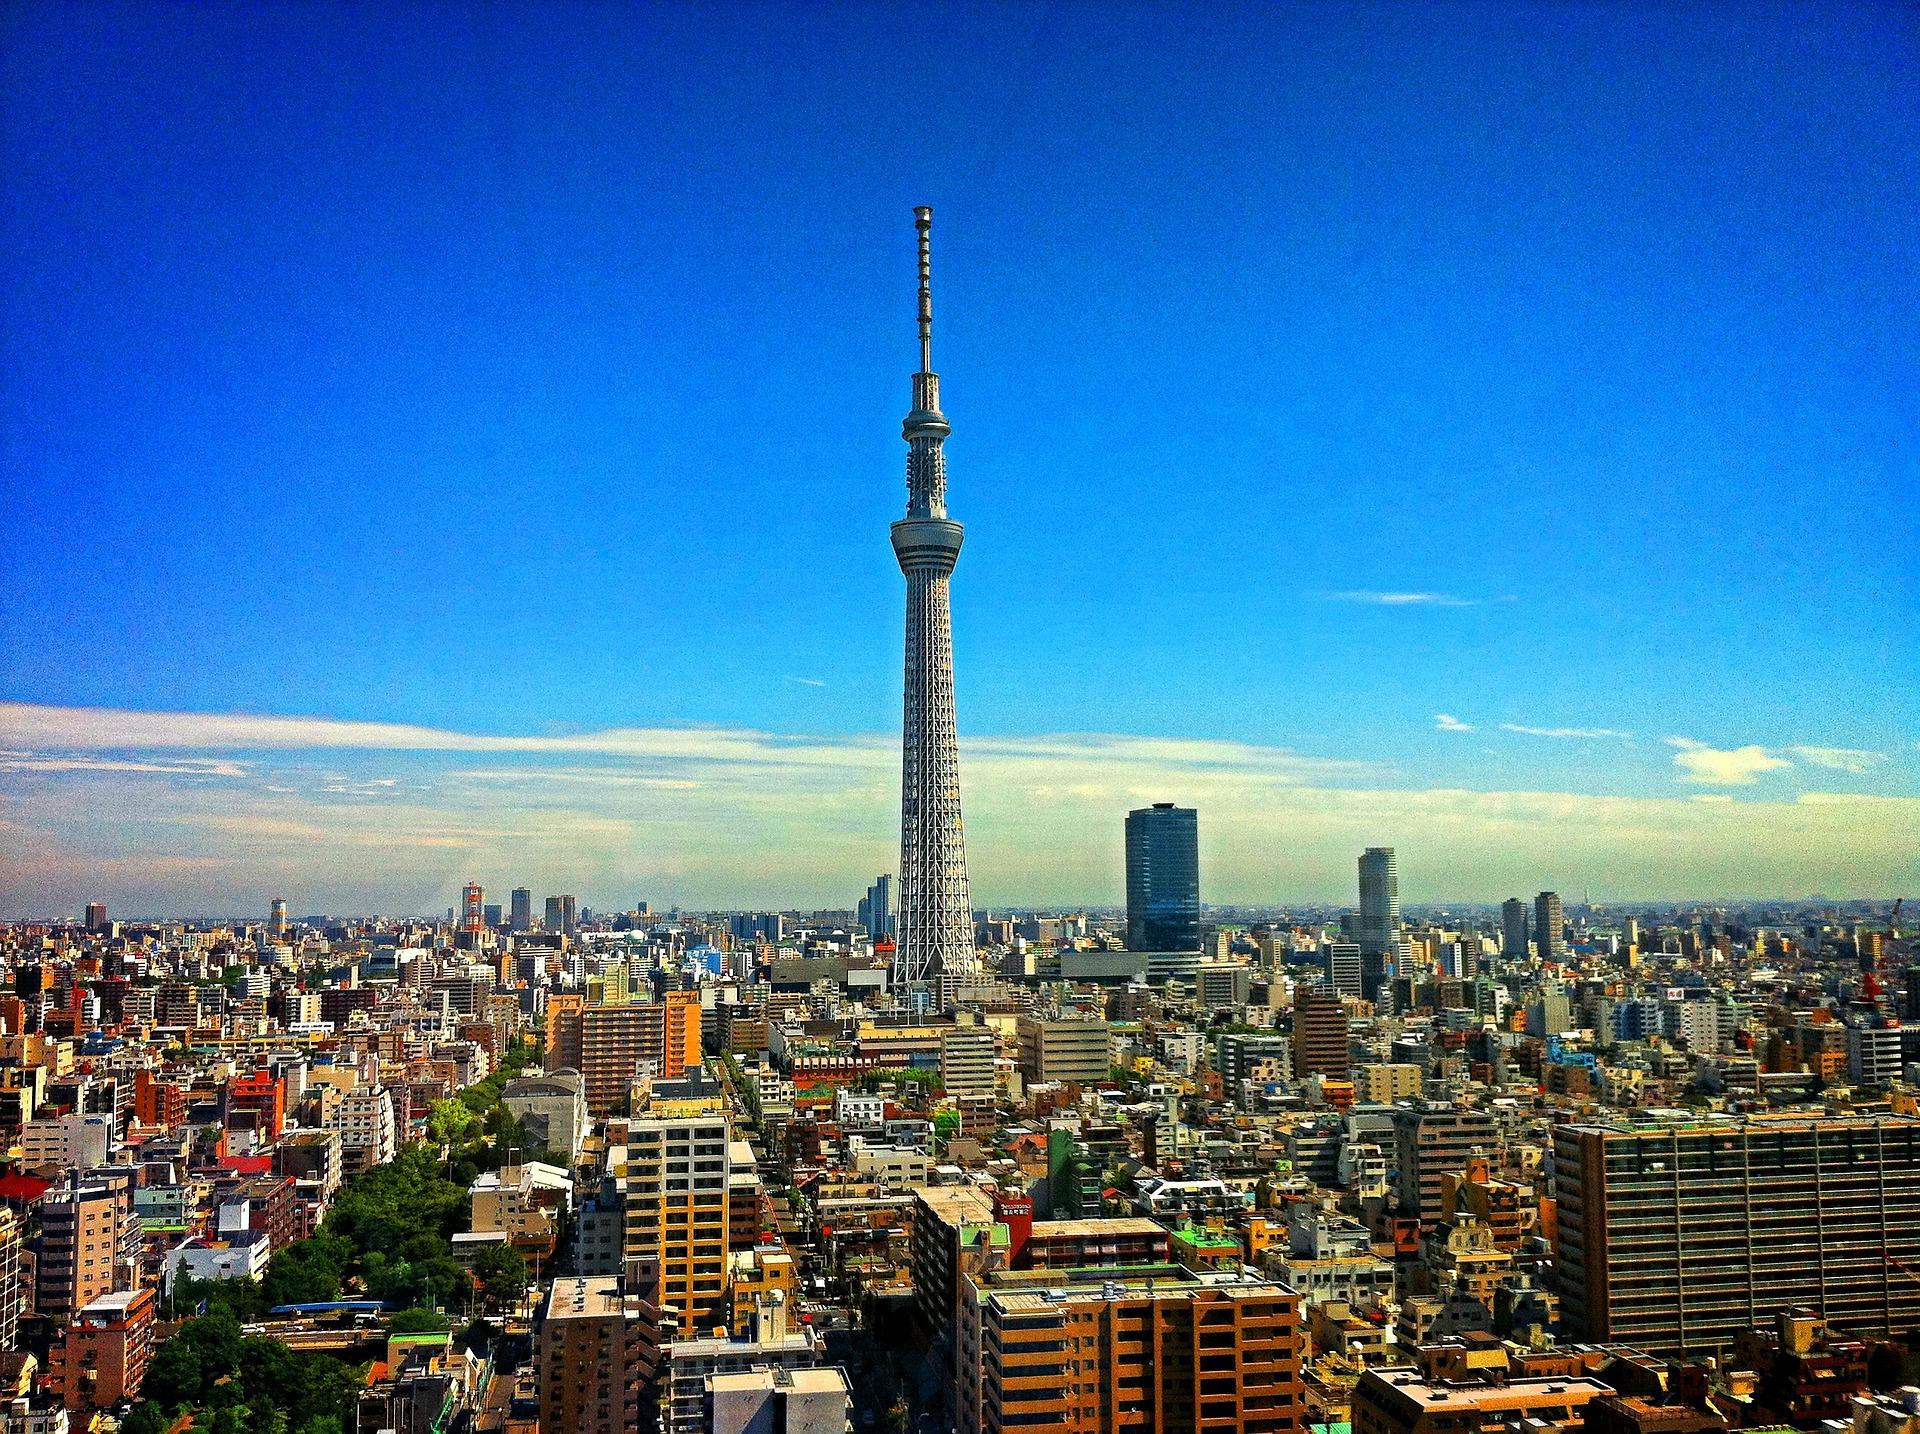 tokyo-tower-825196_1920.jpg?1550317424